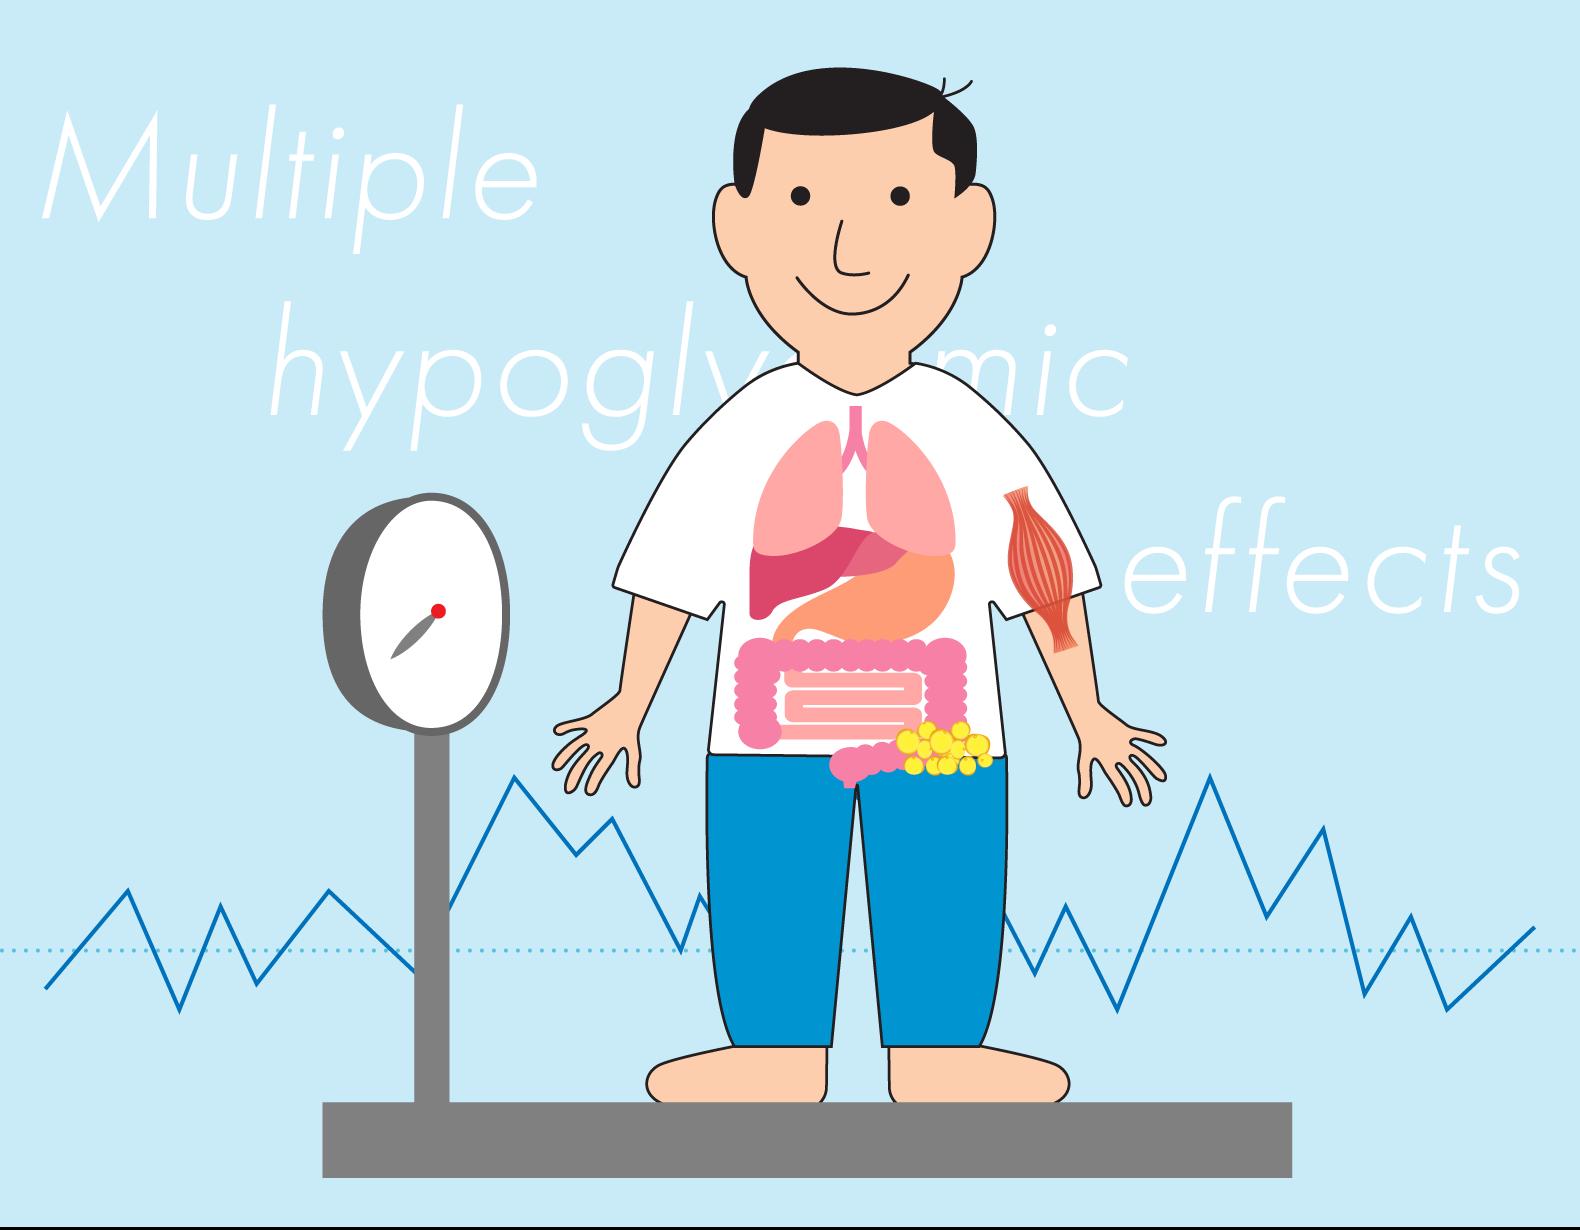 インスリンの効きを良くして血糖値を下げる「ビグアナイド薬」 〜 体重が増えにくく低血糖が起こりにくい〜